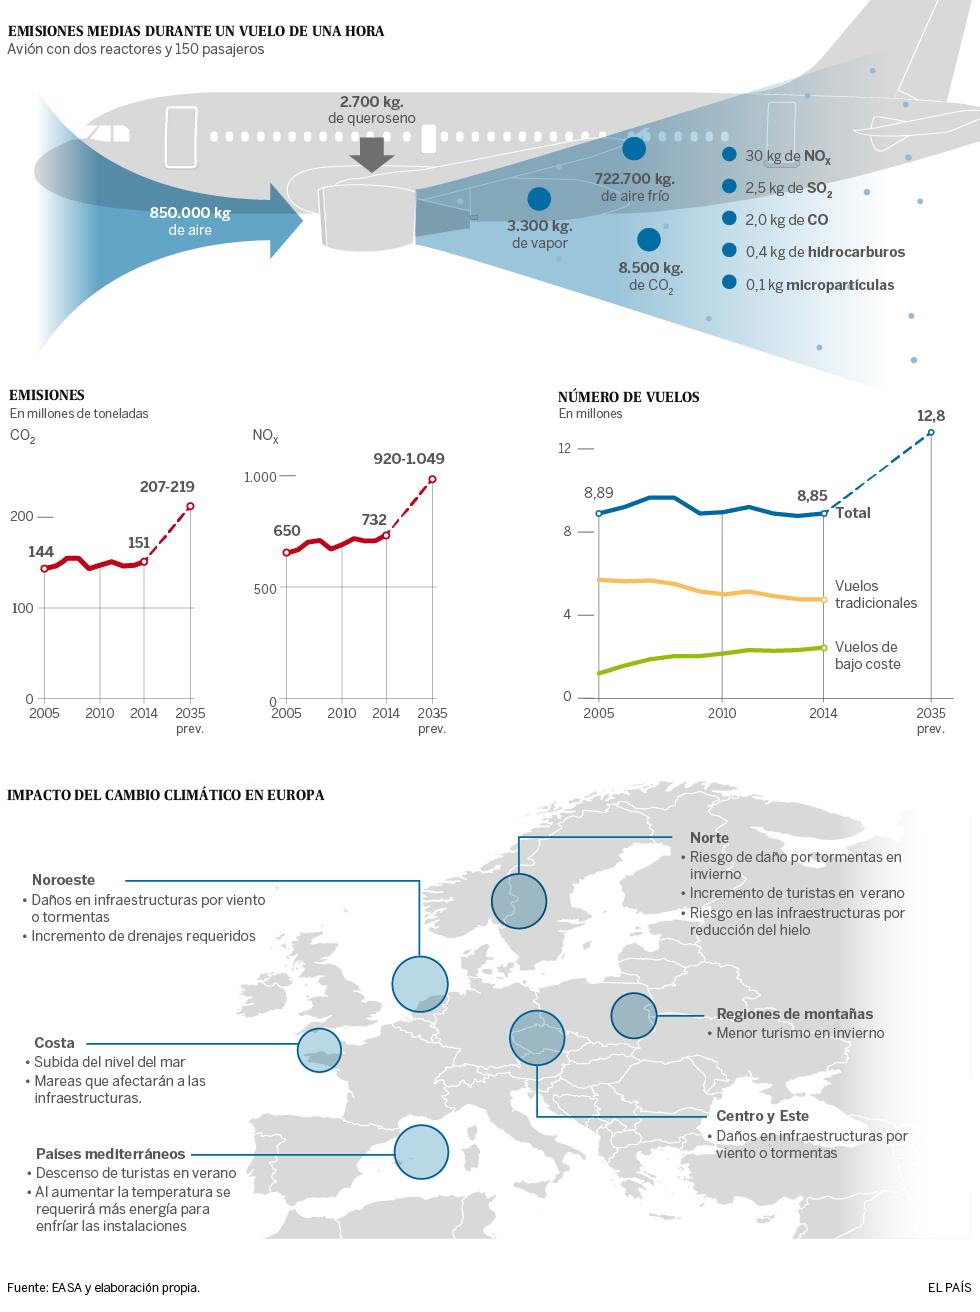 Contaminación del transporte aéreo en Europa